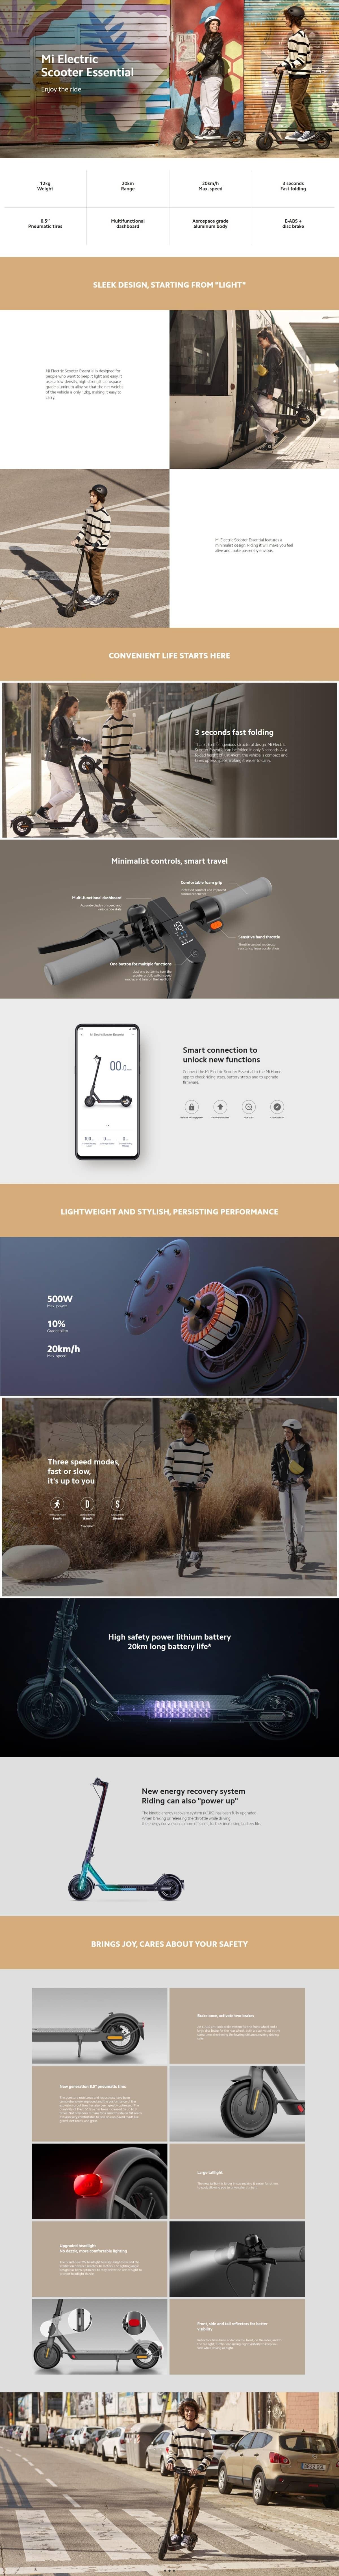 Xiaomi-Mi-Electric-Scooter-Essential2193497d1579fa1c.jpg